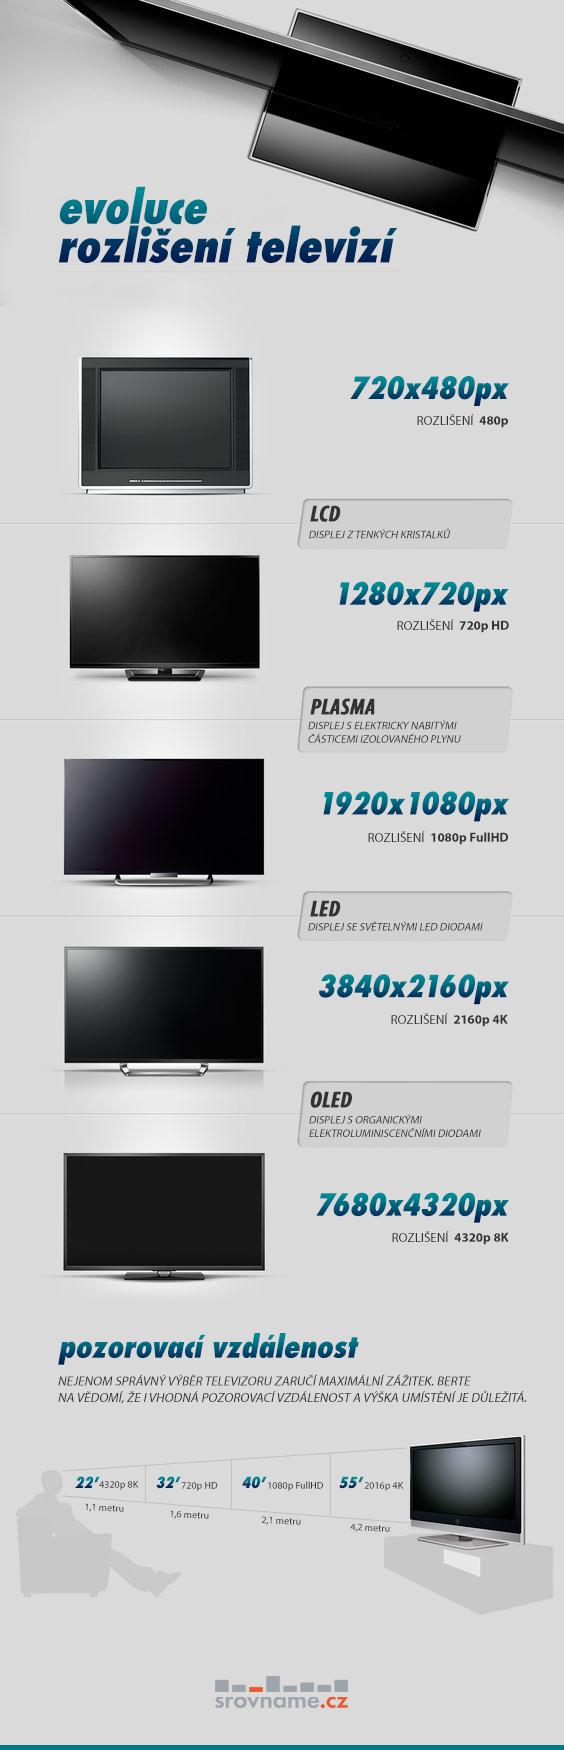 infografika televize obrazovky a rozlišení